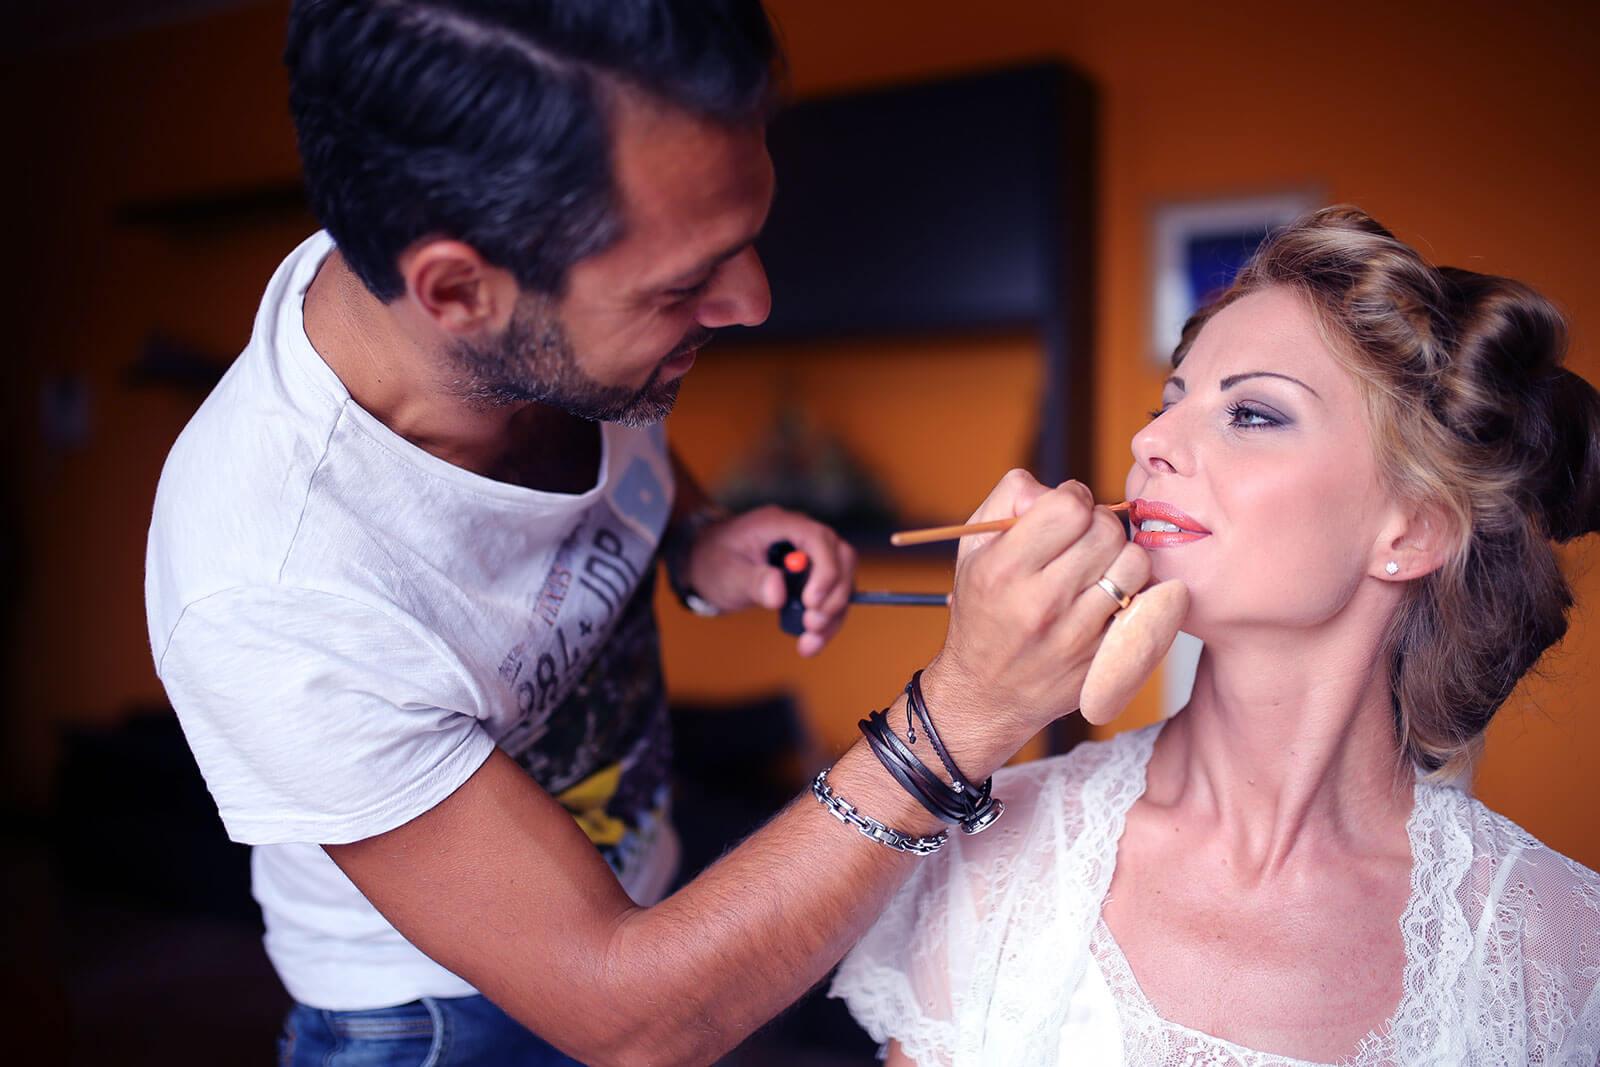 imago-equipe-sebastiano-attardo-concepr-store-deluxe-fashion-beauty-parrucchiere-milano-trucco-sposa